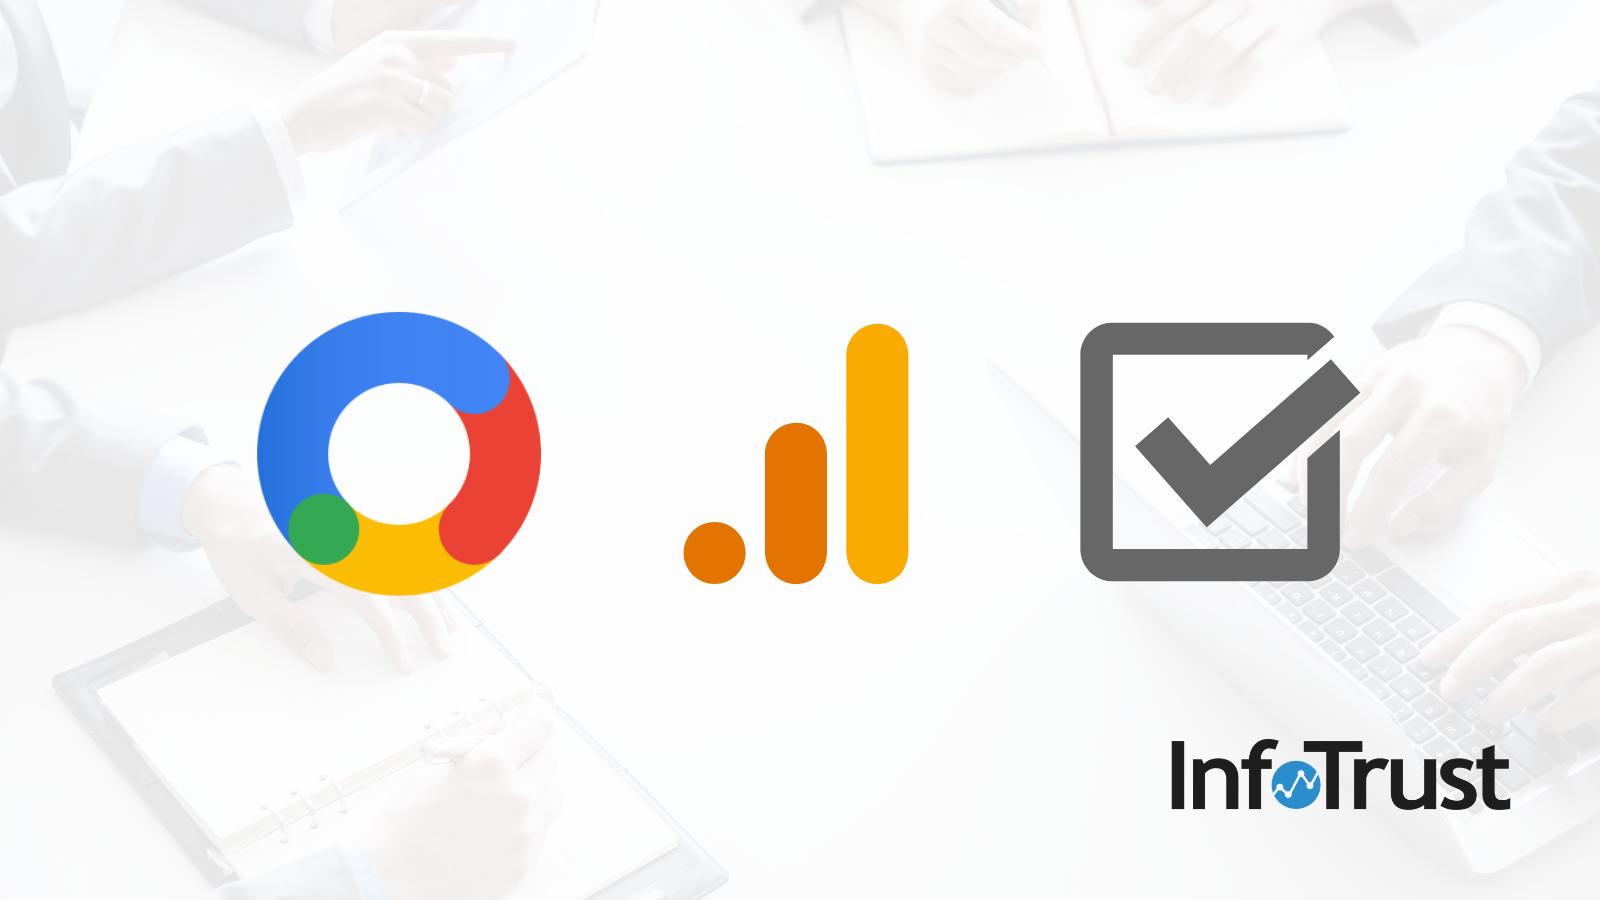 Google Analytics 360 Partner Checklist